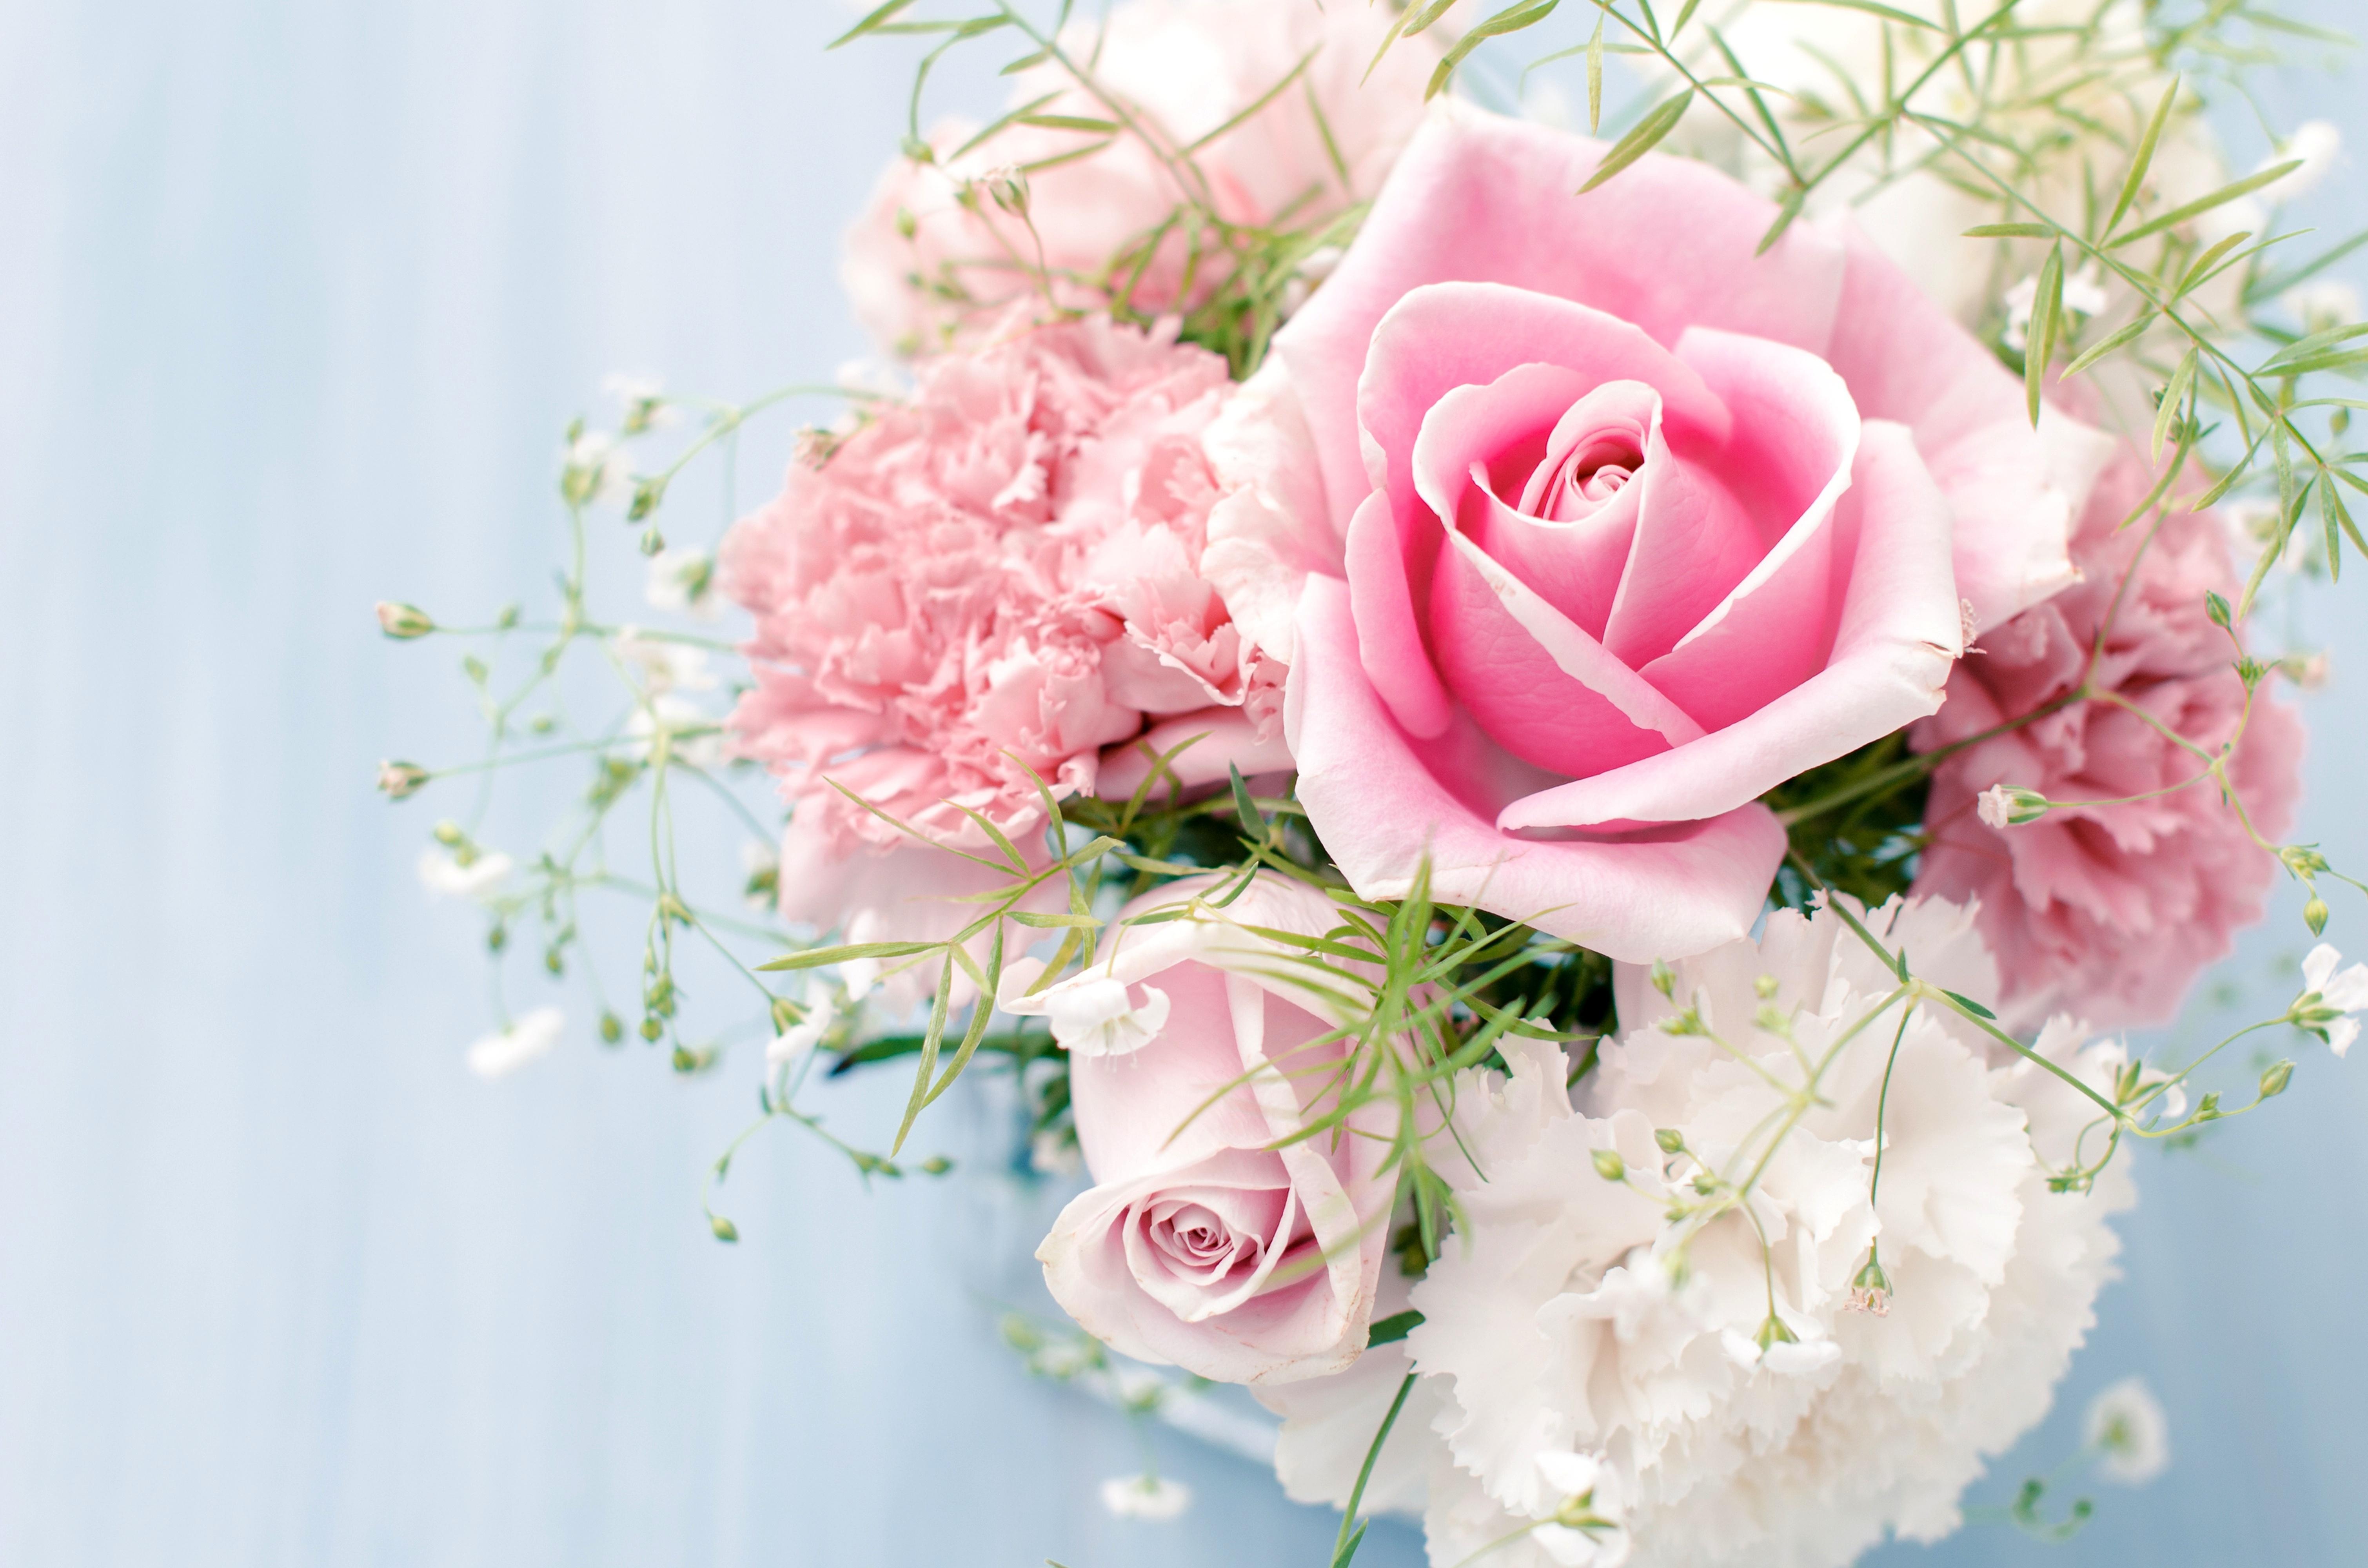 Картинка с шикарными розами и поздравлениями с днем рождения